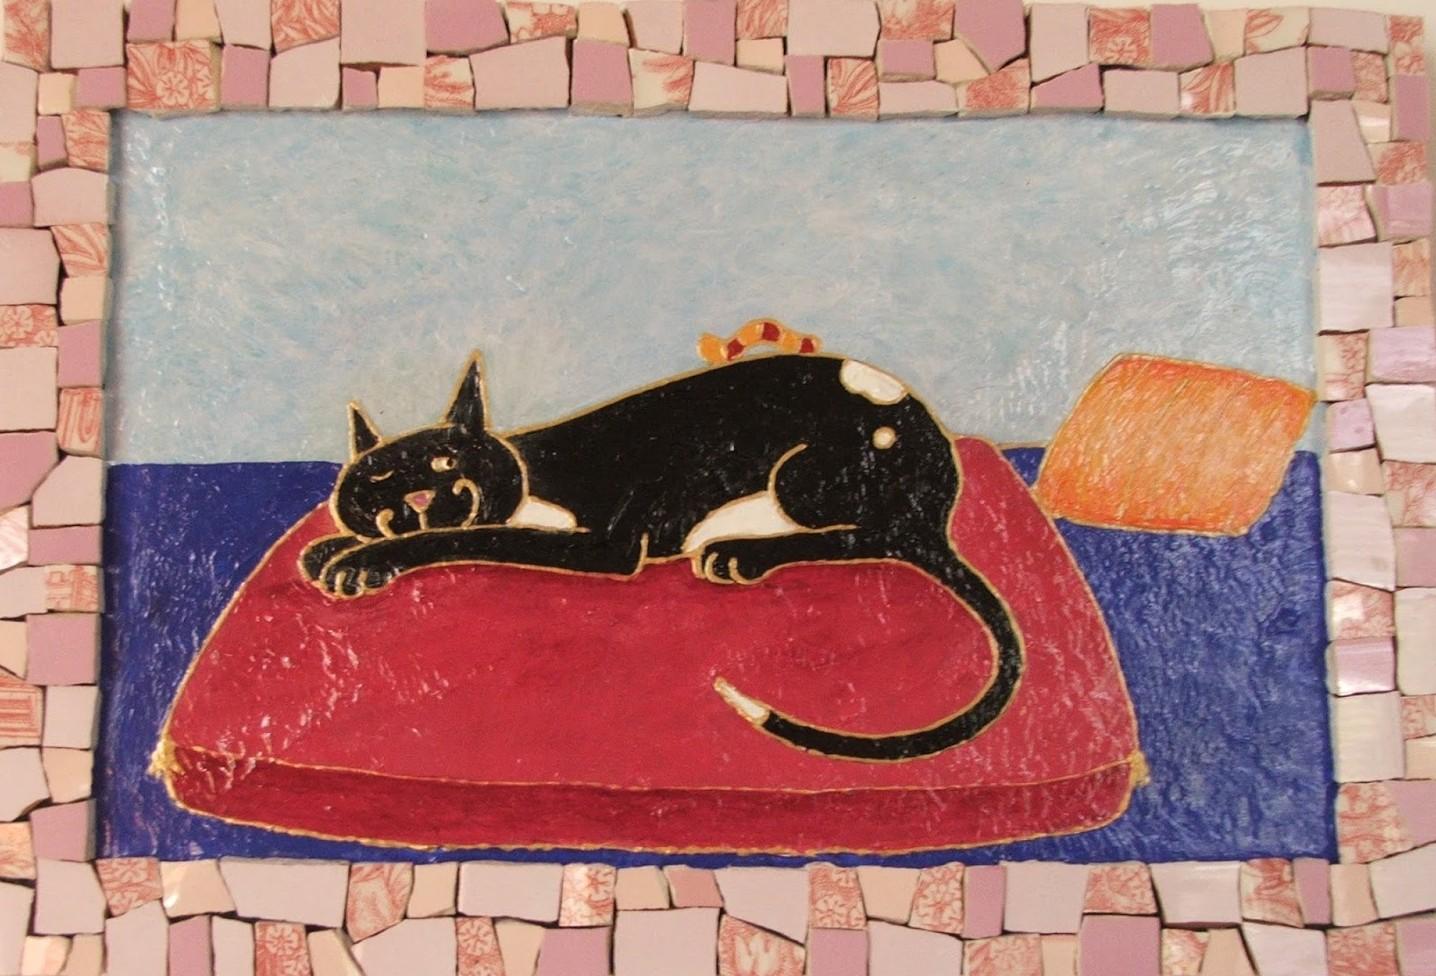 chat mosaïque (S. Peugniez)